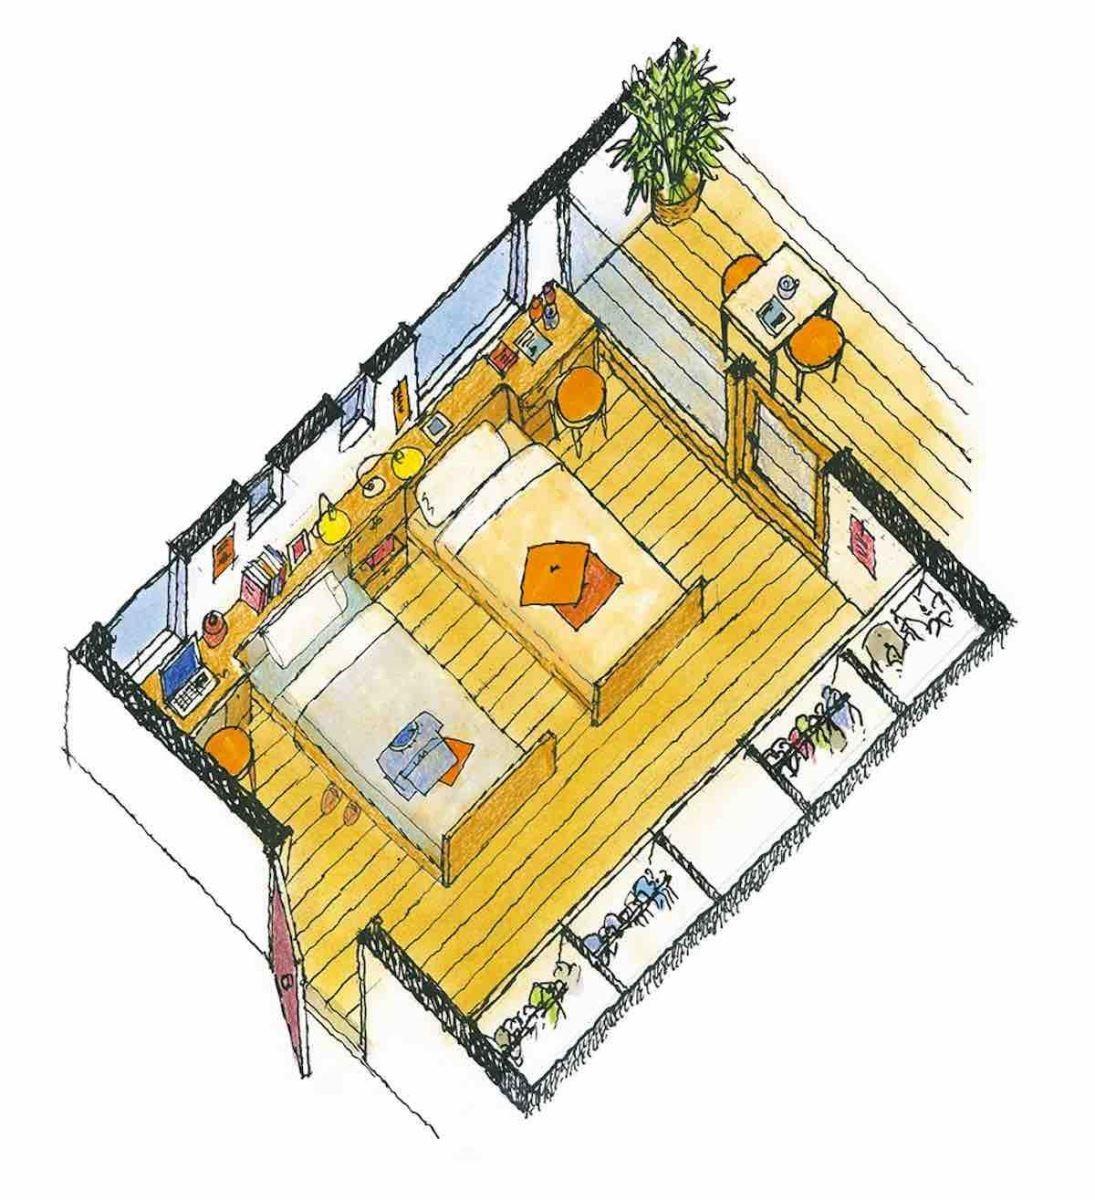 有書桌的寢室-等角透視圖 圖片提供_漂亮家居麥浩斯